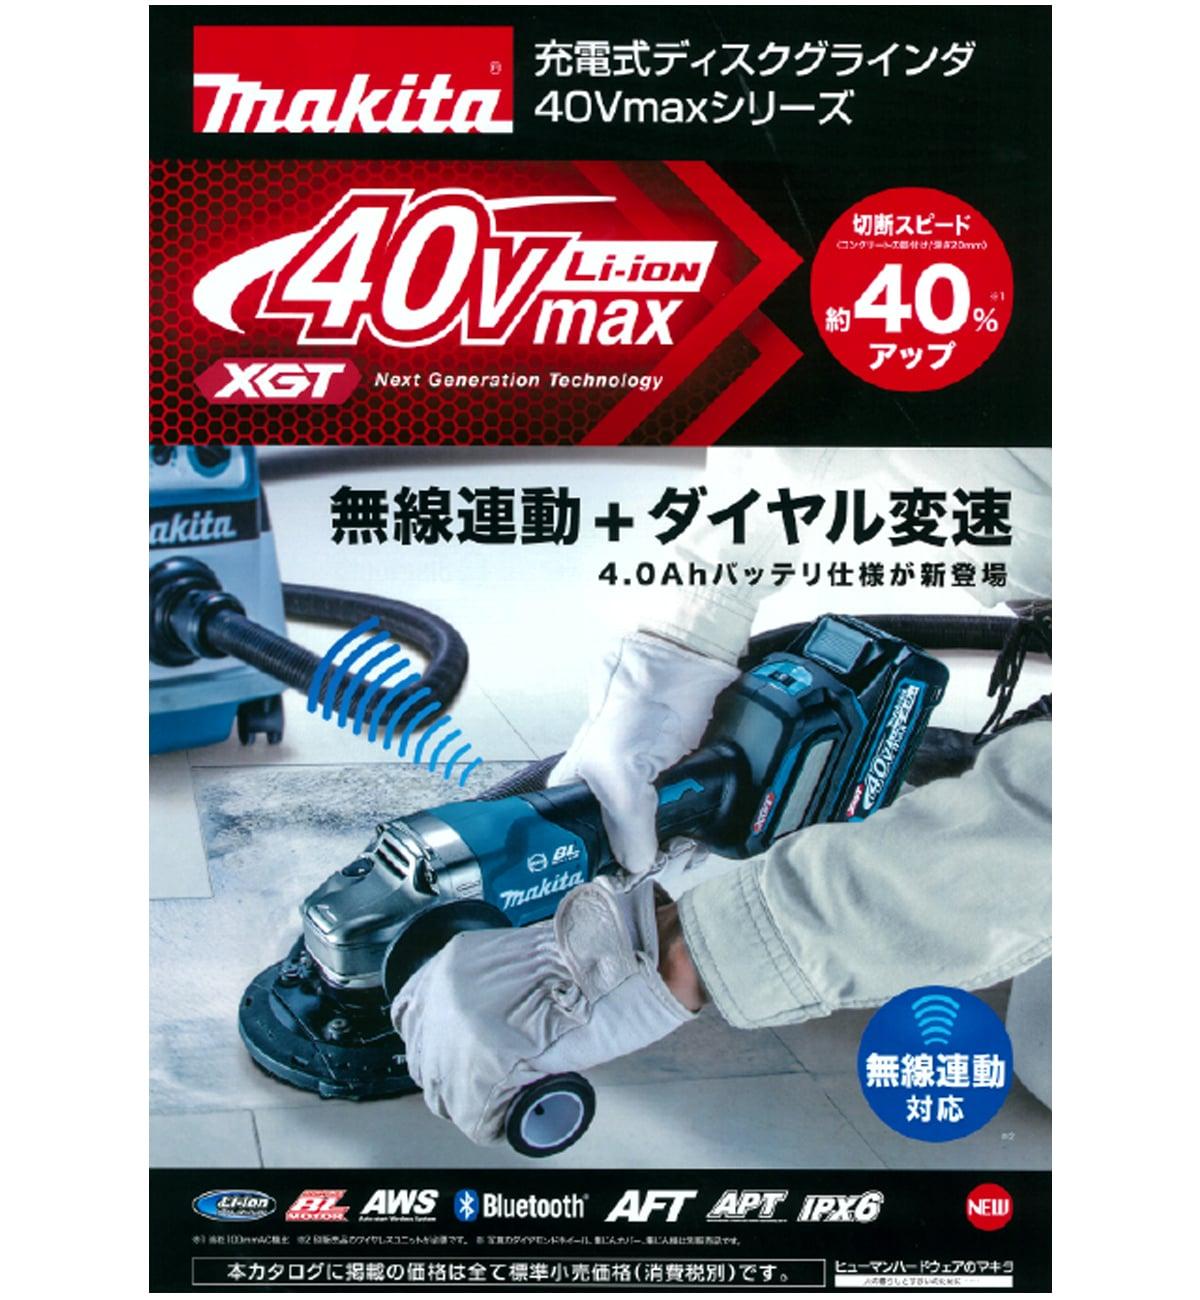 マキタ 40Vmaxディスクグラインダ